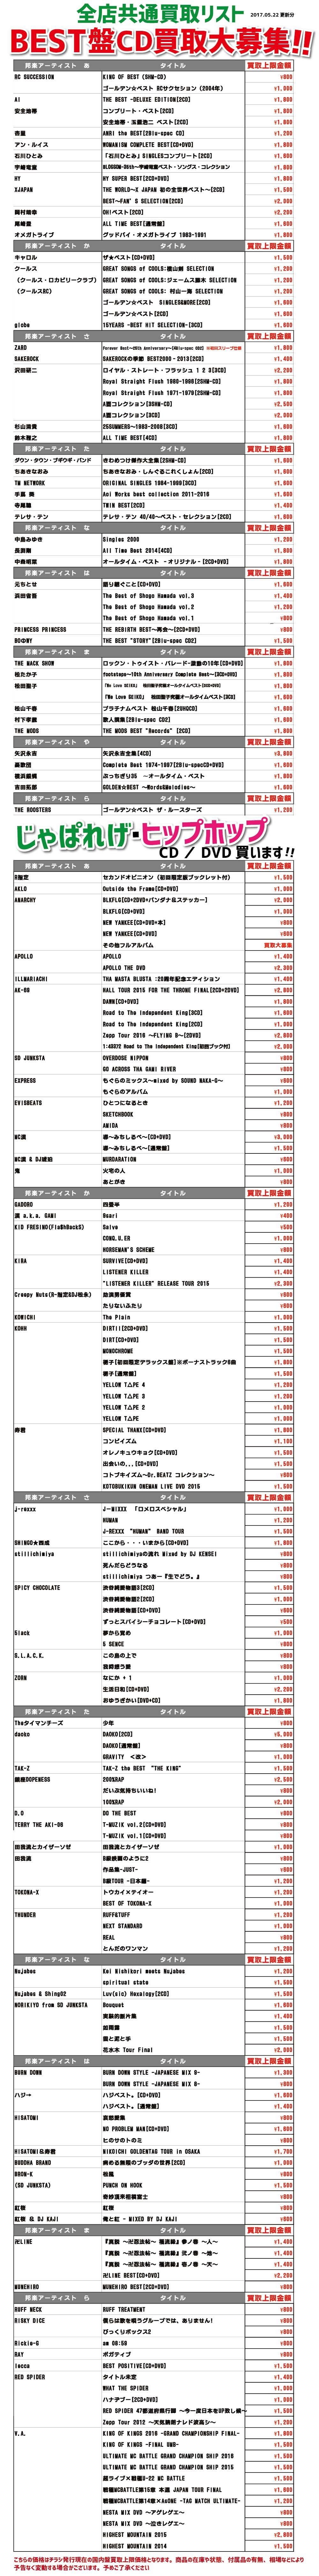 「開放倉庫山城店」2017.05.22更新CD/DVD買取表!!BEST盤CD買取大募集!!&じゃぱれげ・ヒップホップCD、DVD買取します!!